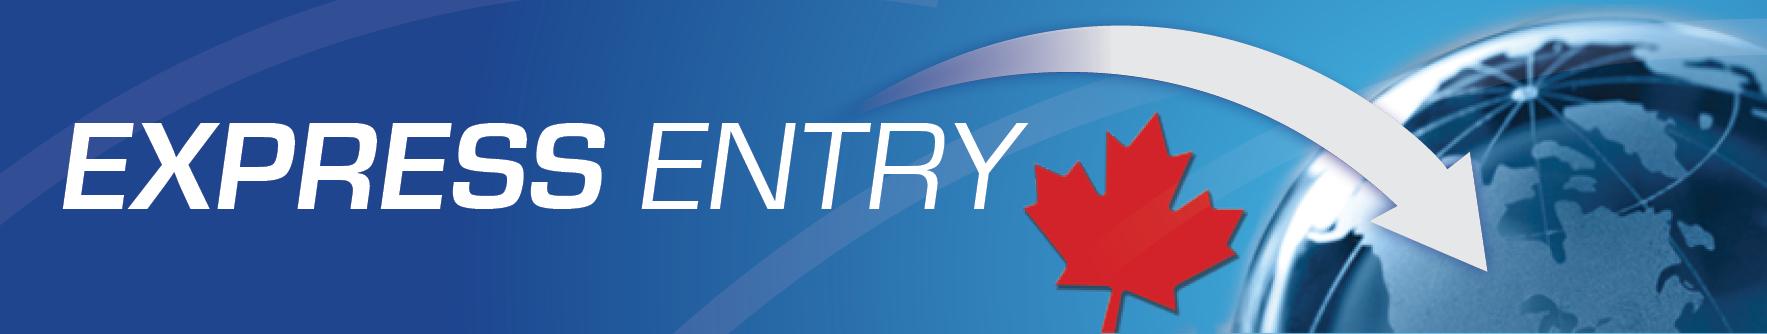 Express Entry Visa